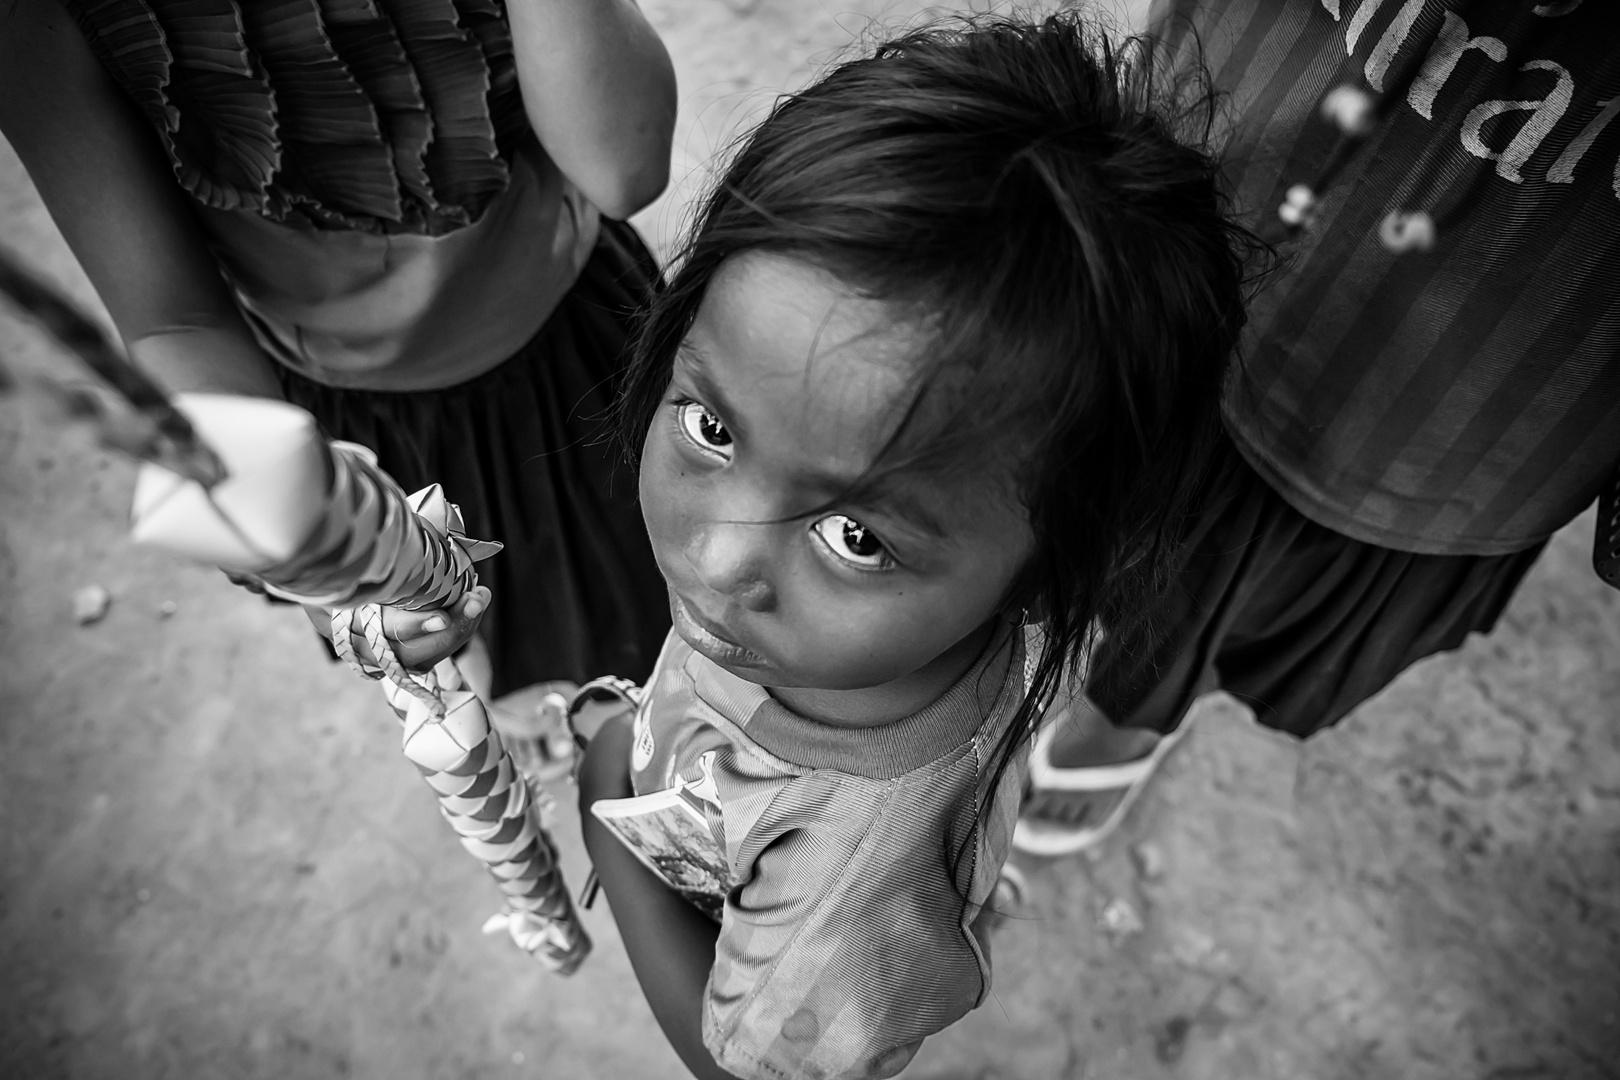 Kids of Kambodia